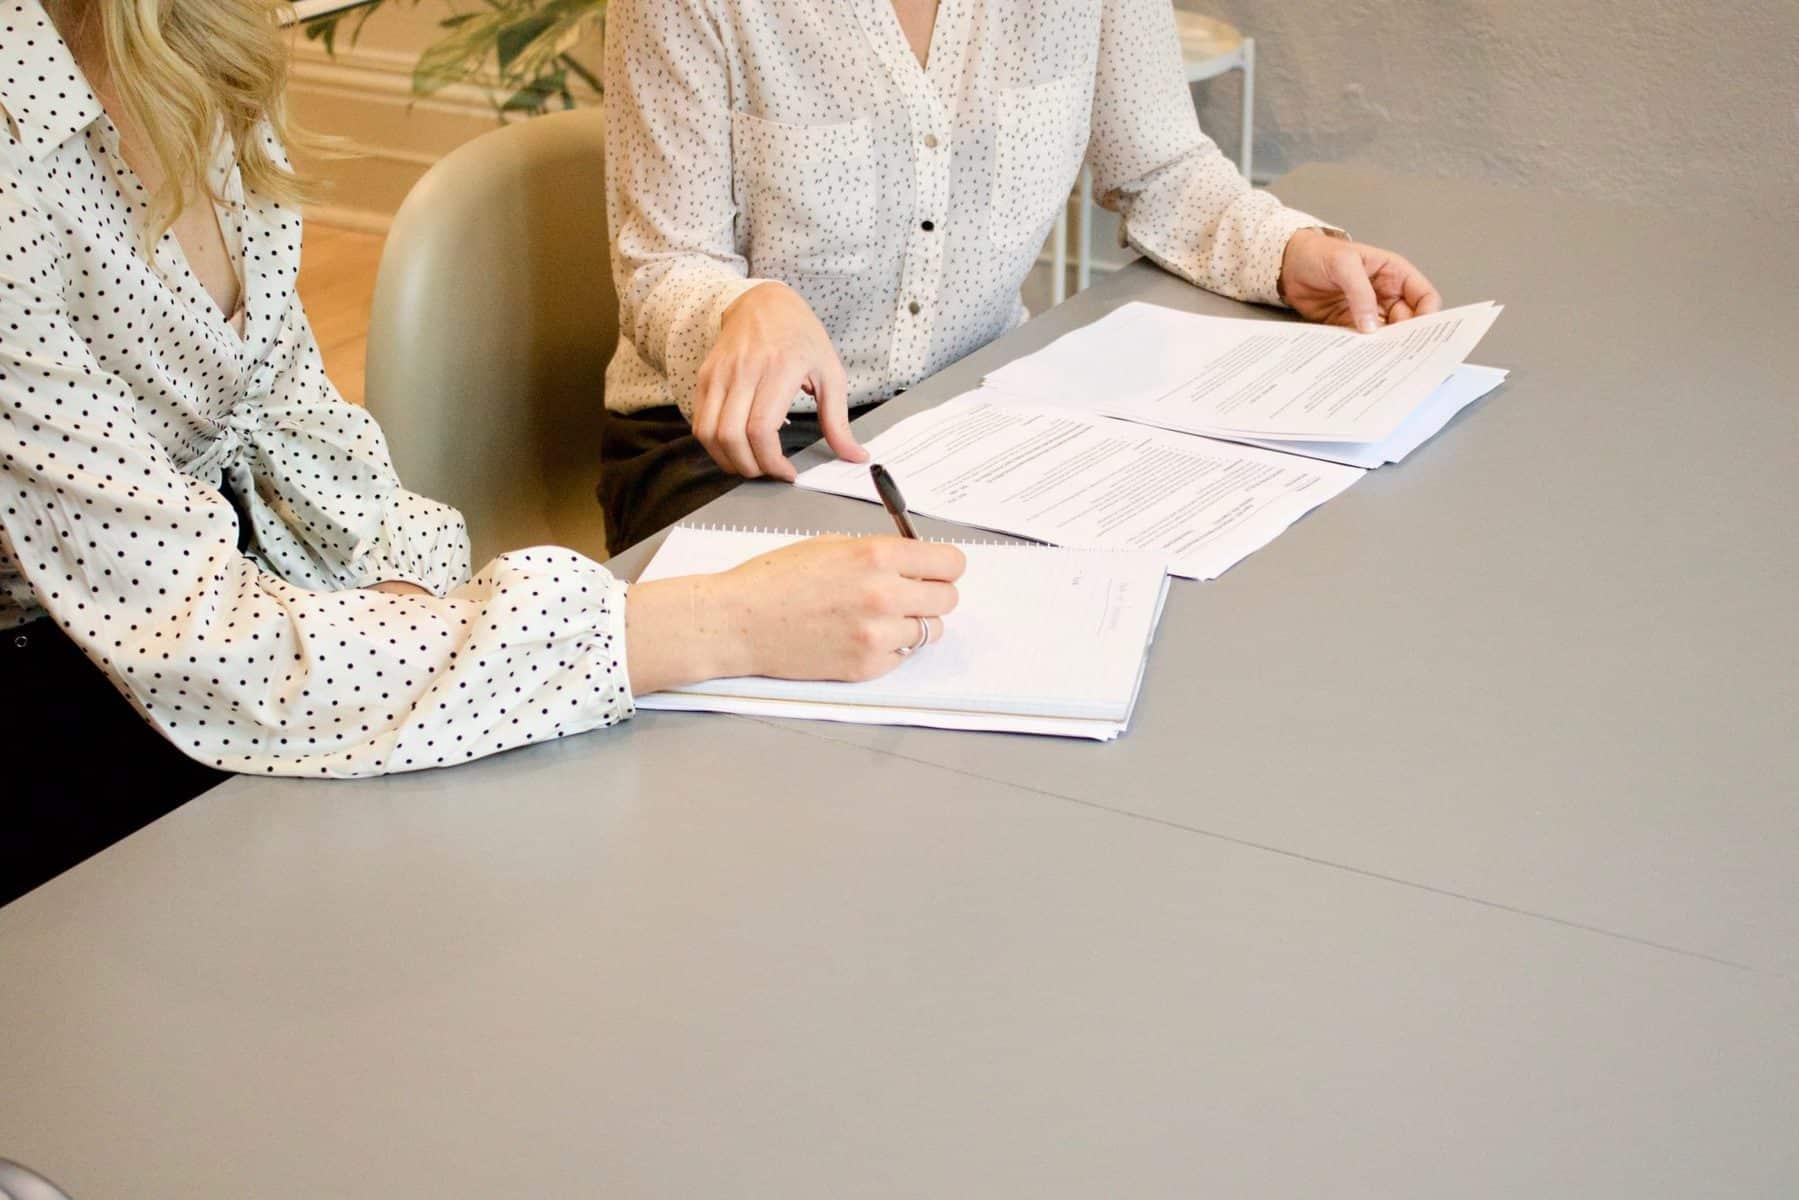 פגישת ביטוח לעסק קטן